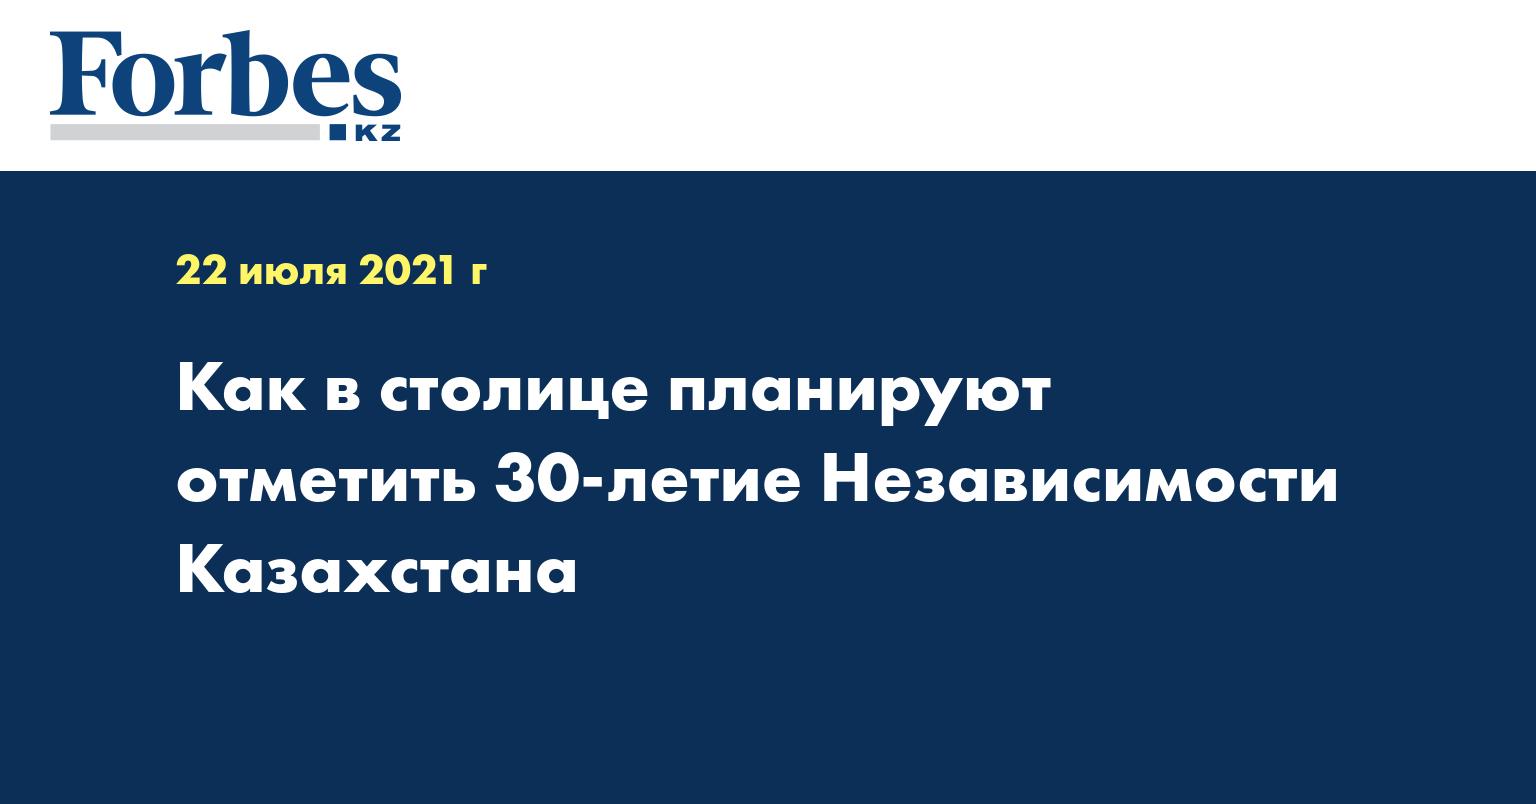 Как в столице планируют отметить 30-летие Независимости Казахстана